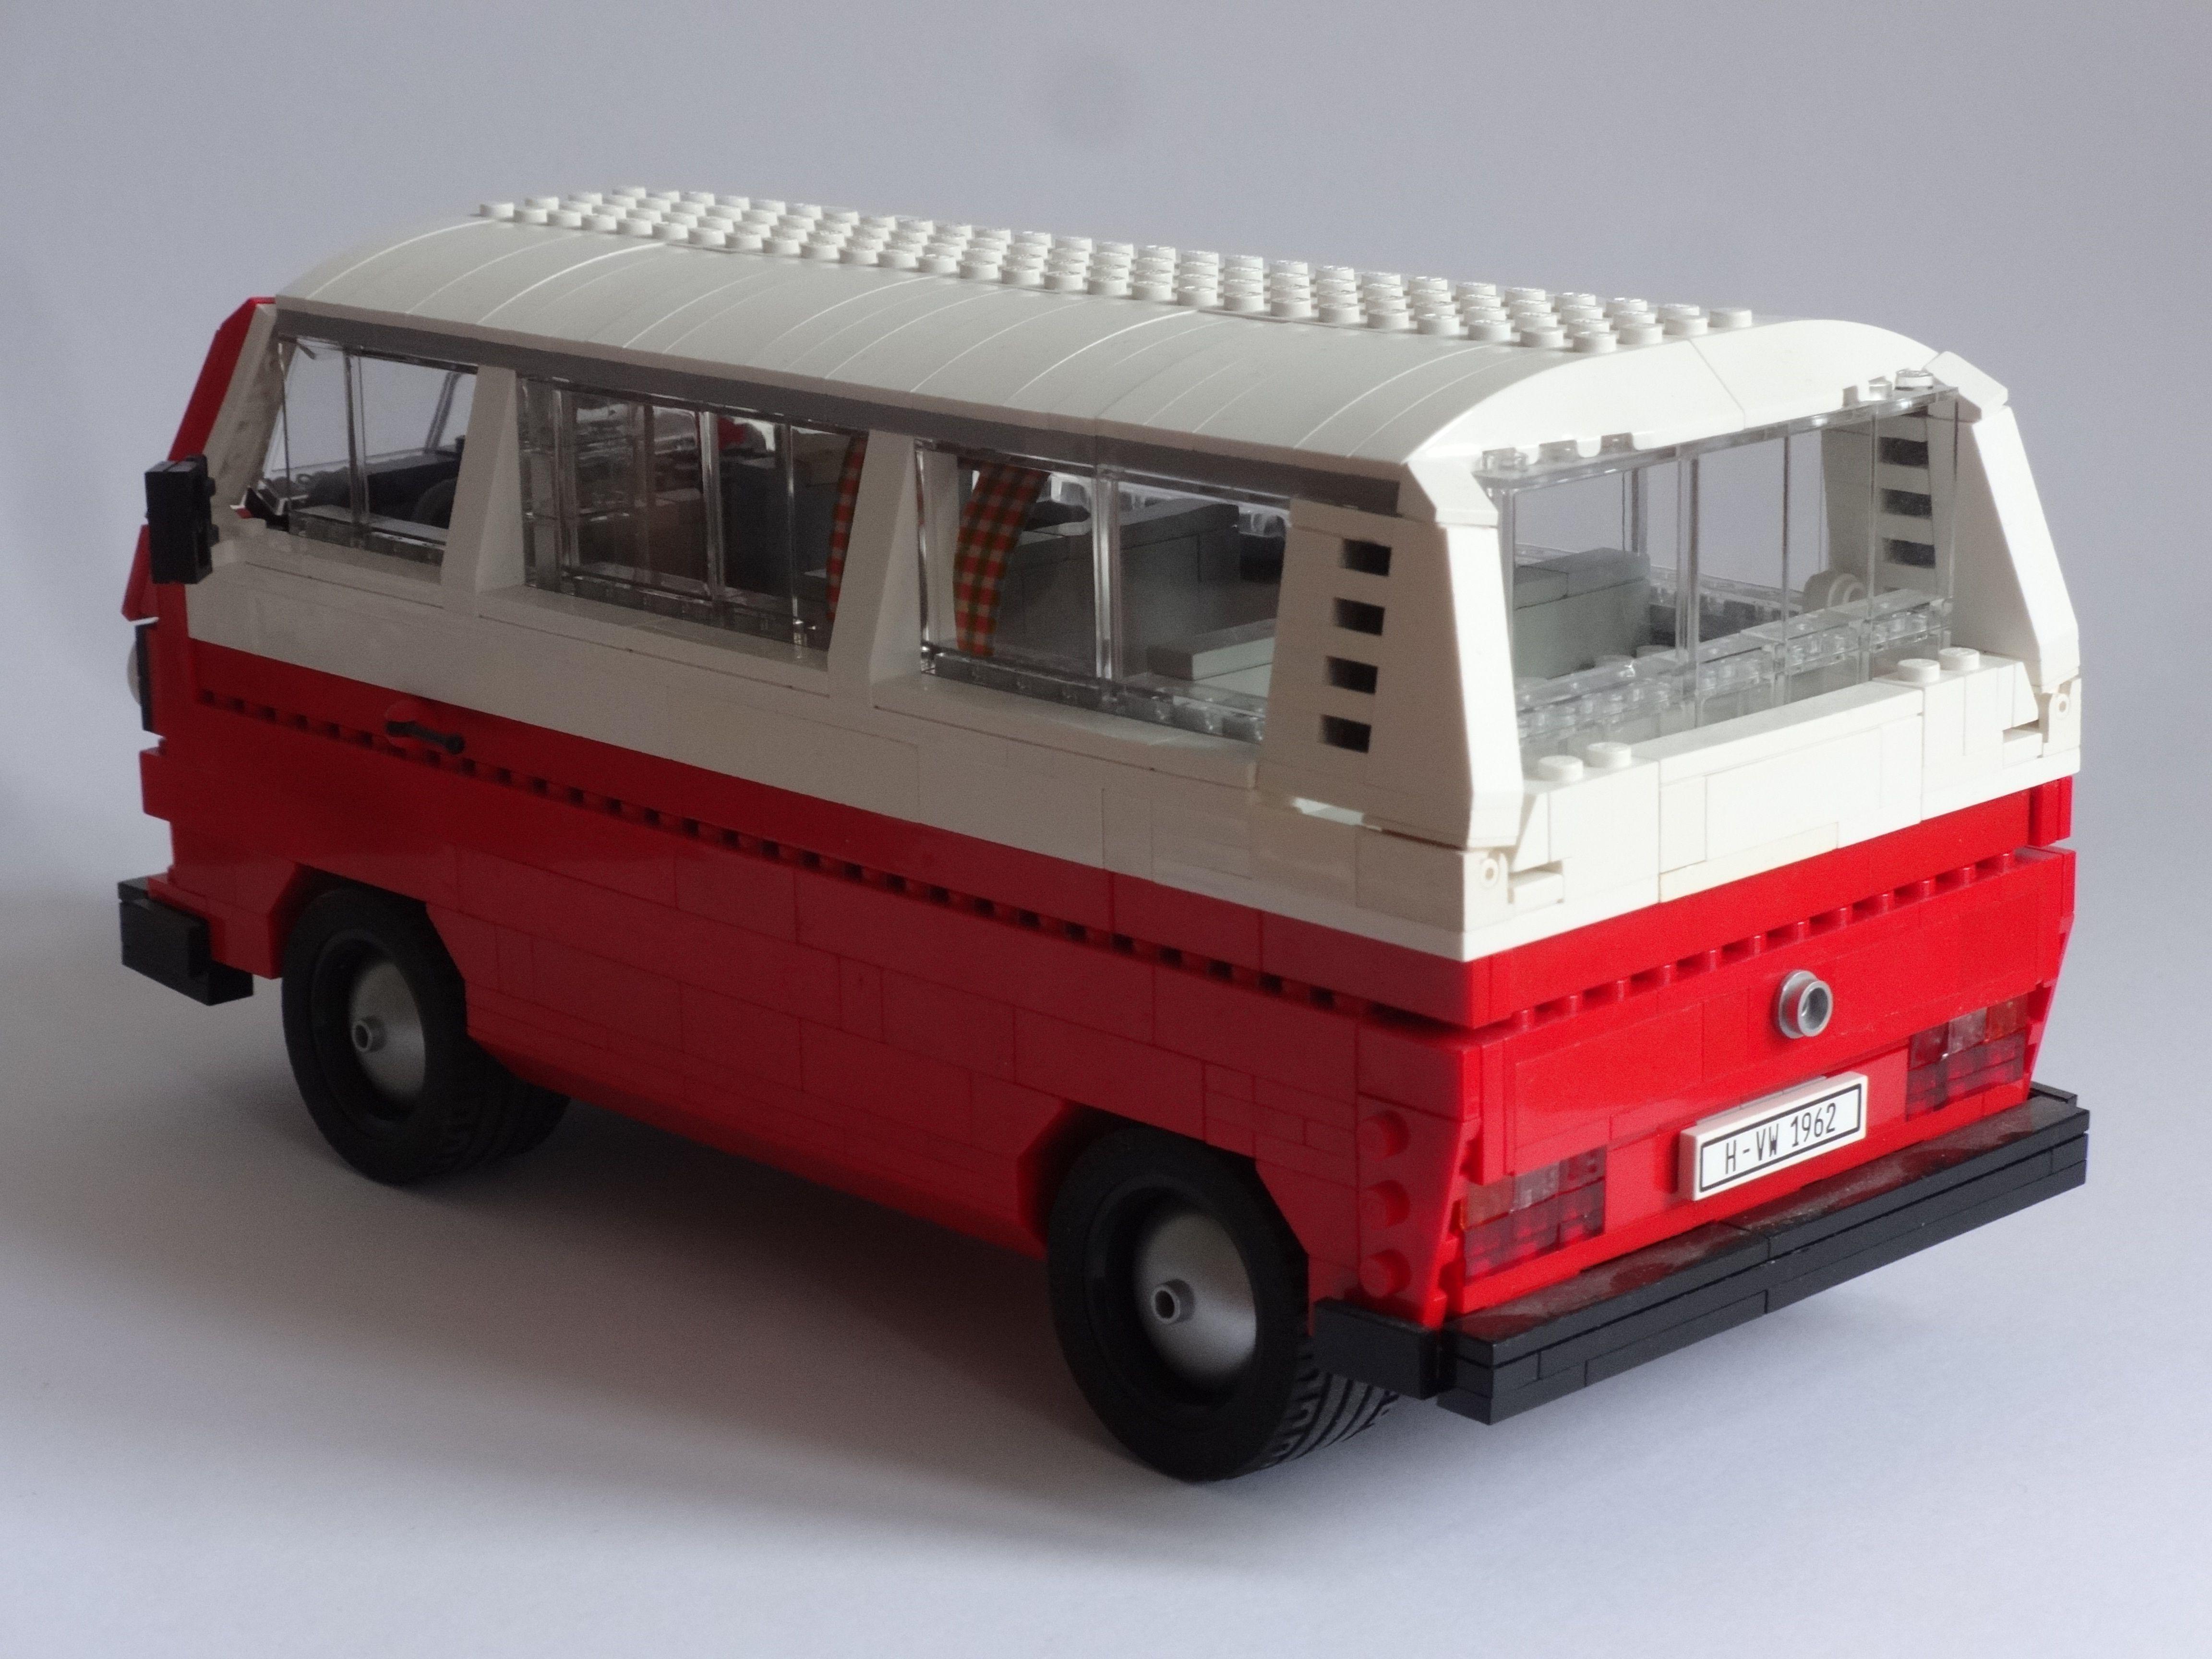 lego vw t3 lego autohof lego fahrzeuge lego lkw und lego. Black Bedroom Furniture Sets. Home Design Ideas